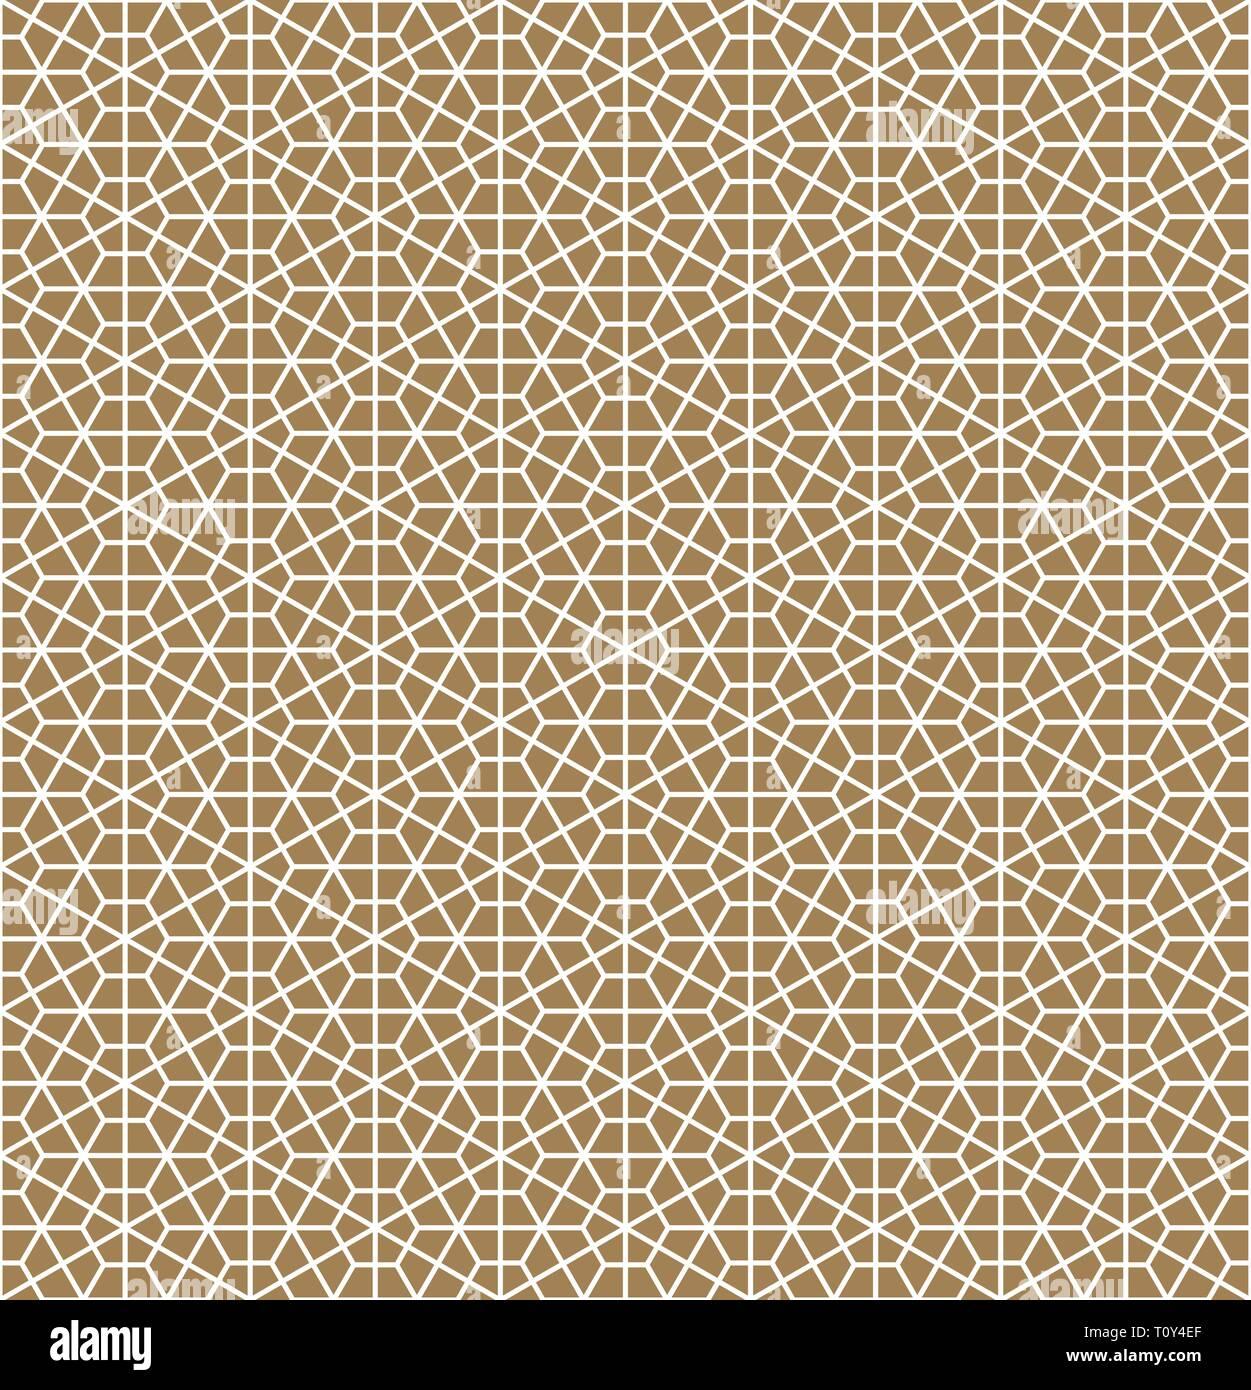 Modello senza soluzione di continuità sulla base di ornamento giapponese Kumiko.Gold colore di sfondo.bianco dello strato di configurazione. Immagini Stock